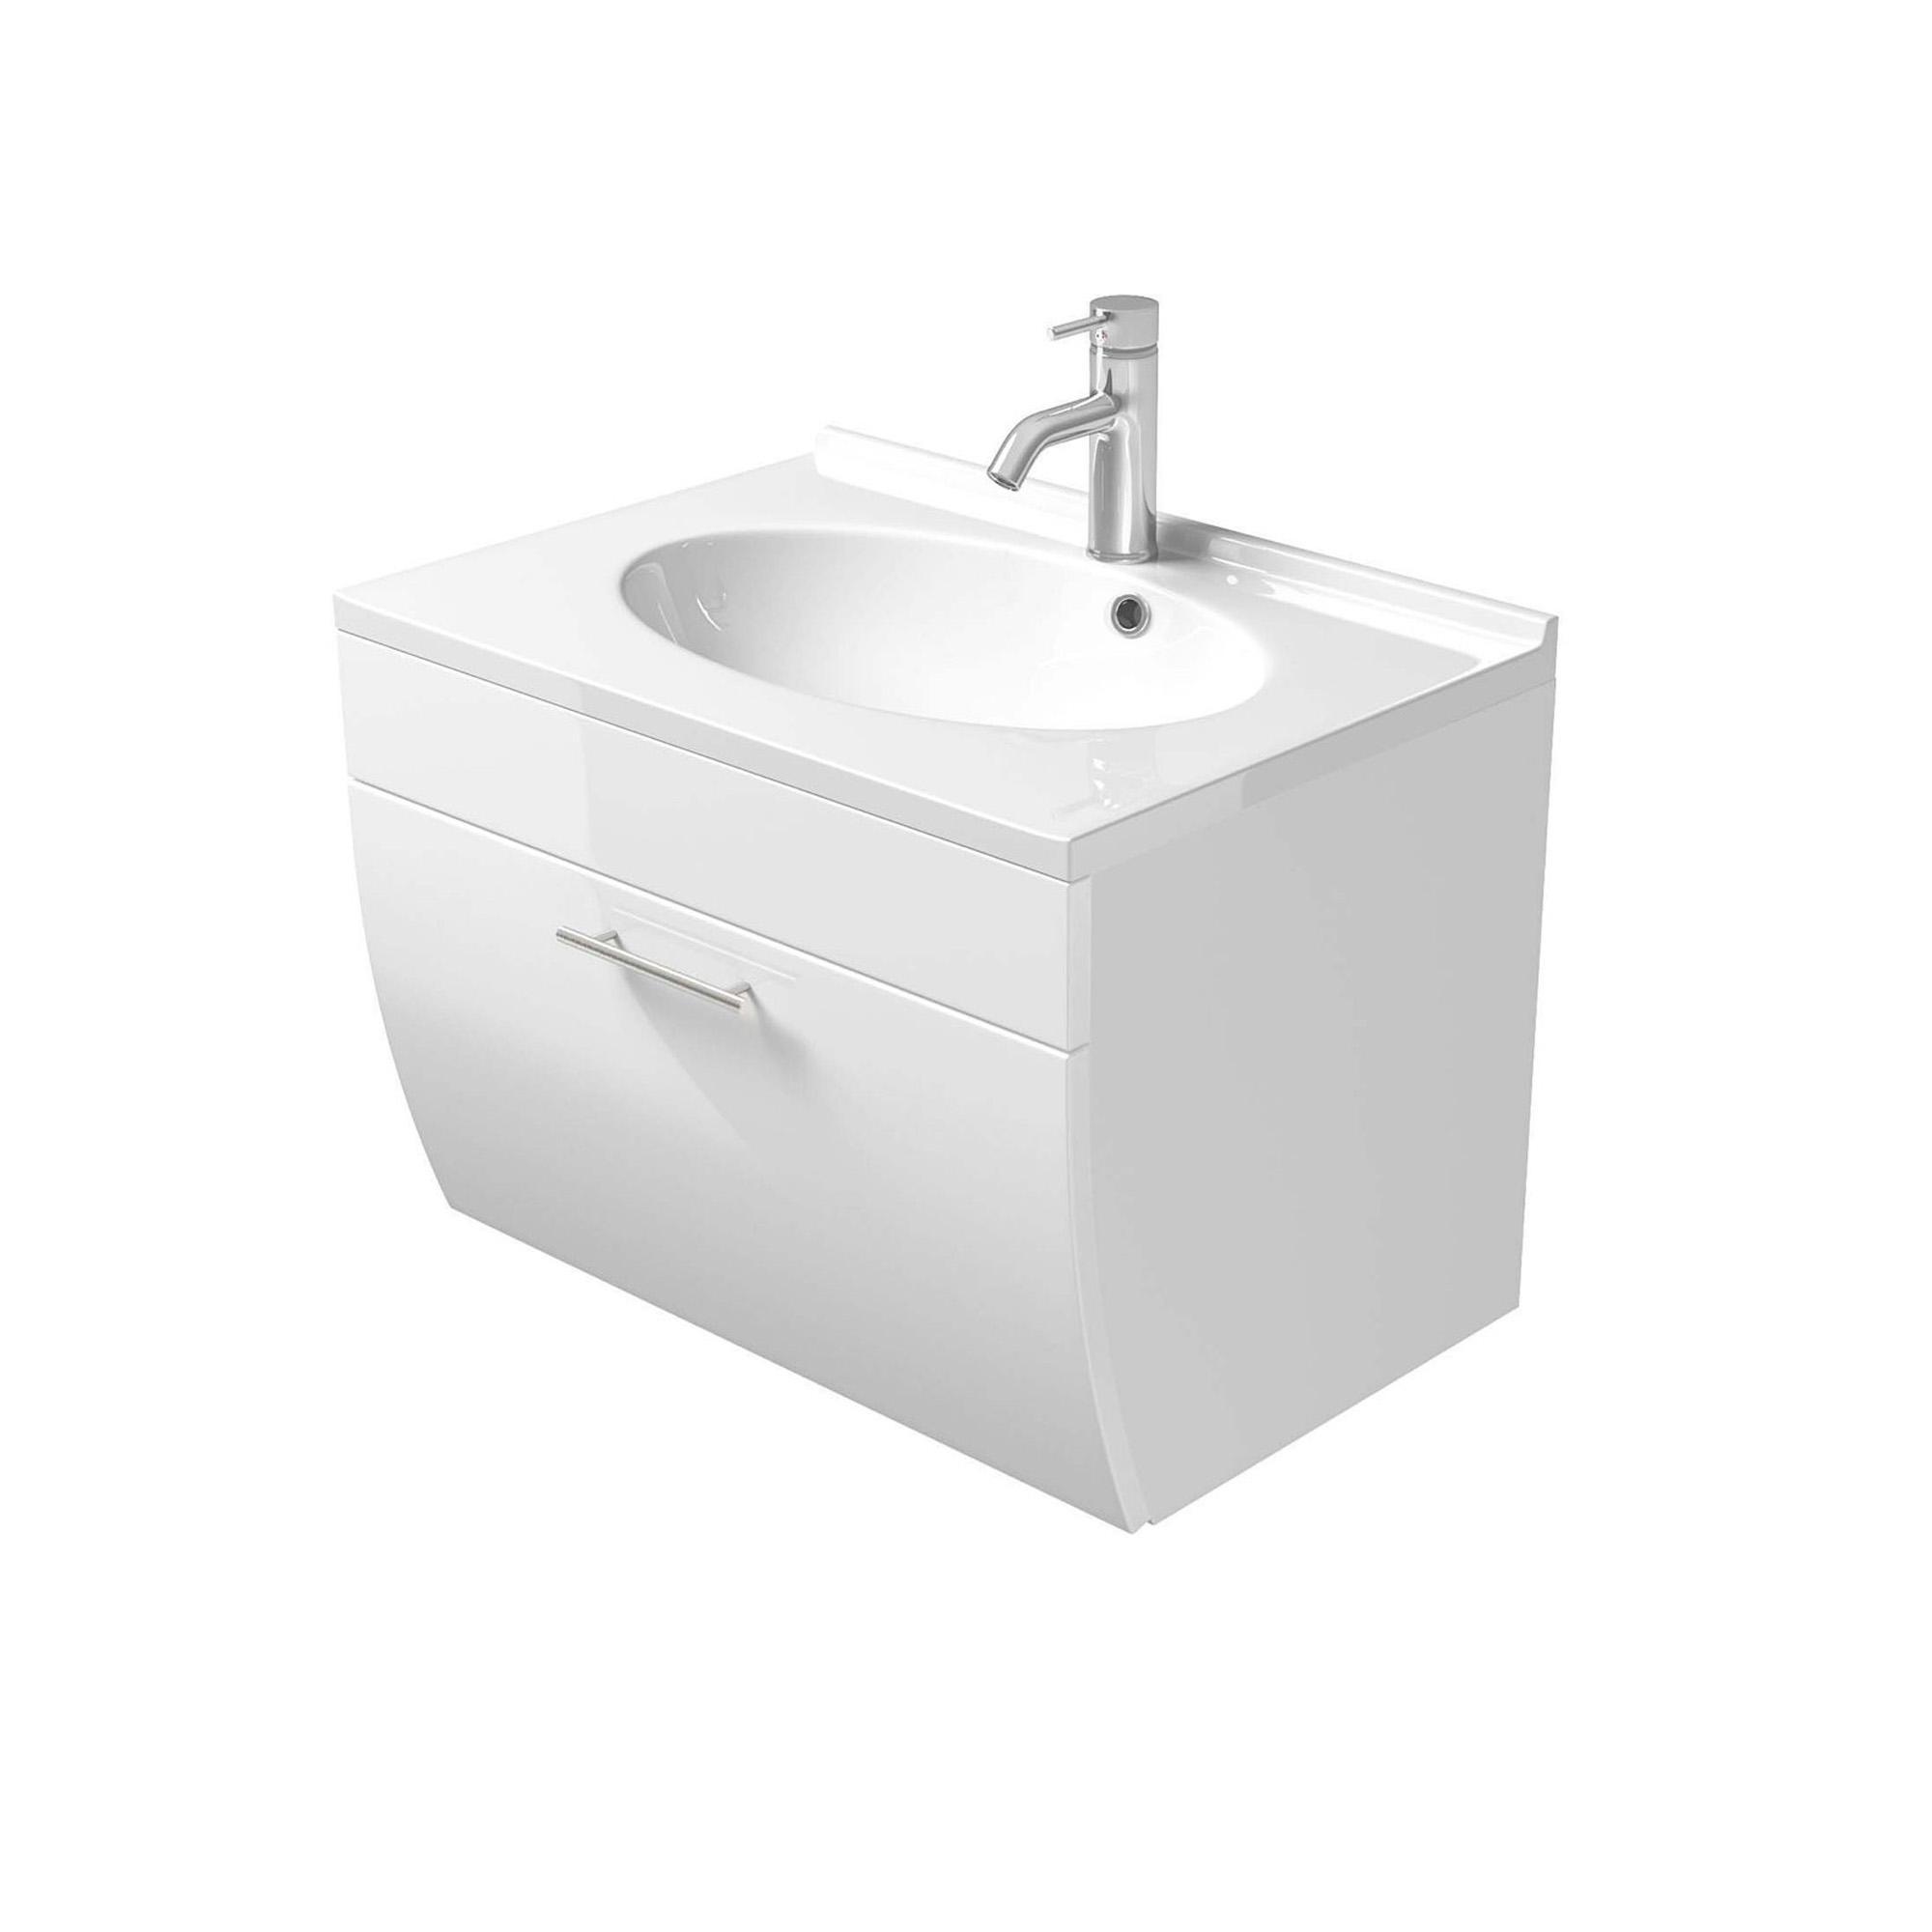 Waschbeckenschrank Mit Waschbecken